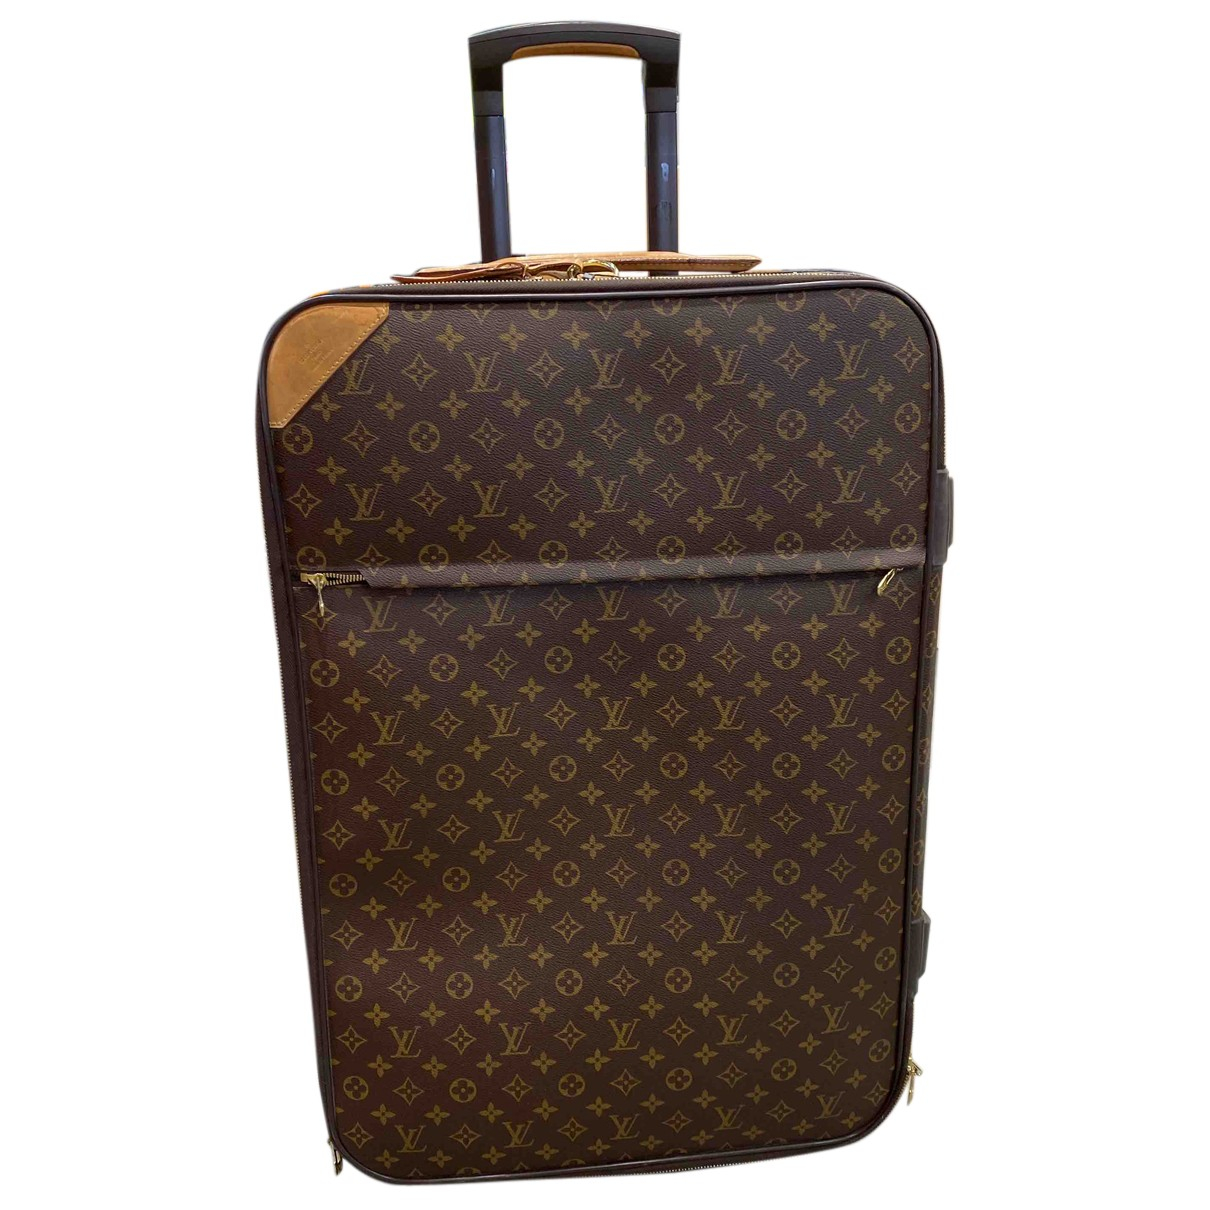 Viajes Louis Vuitton